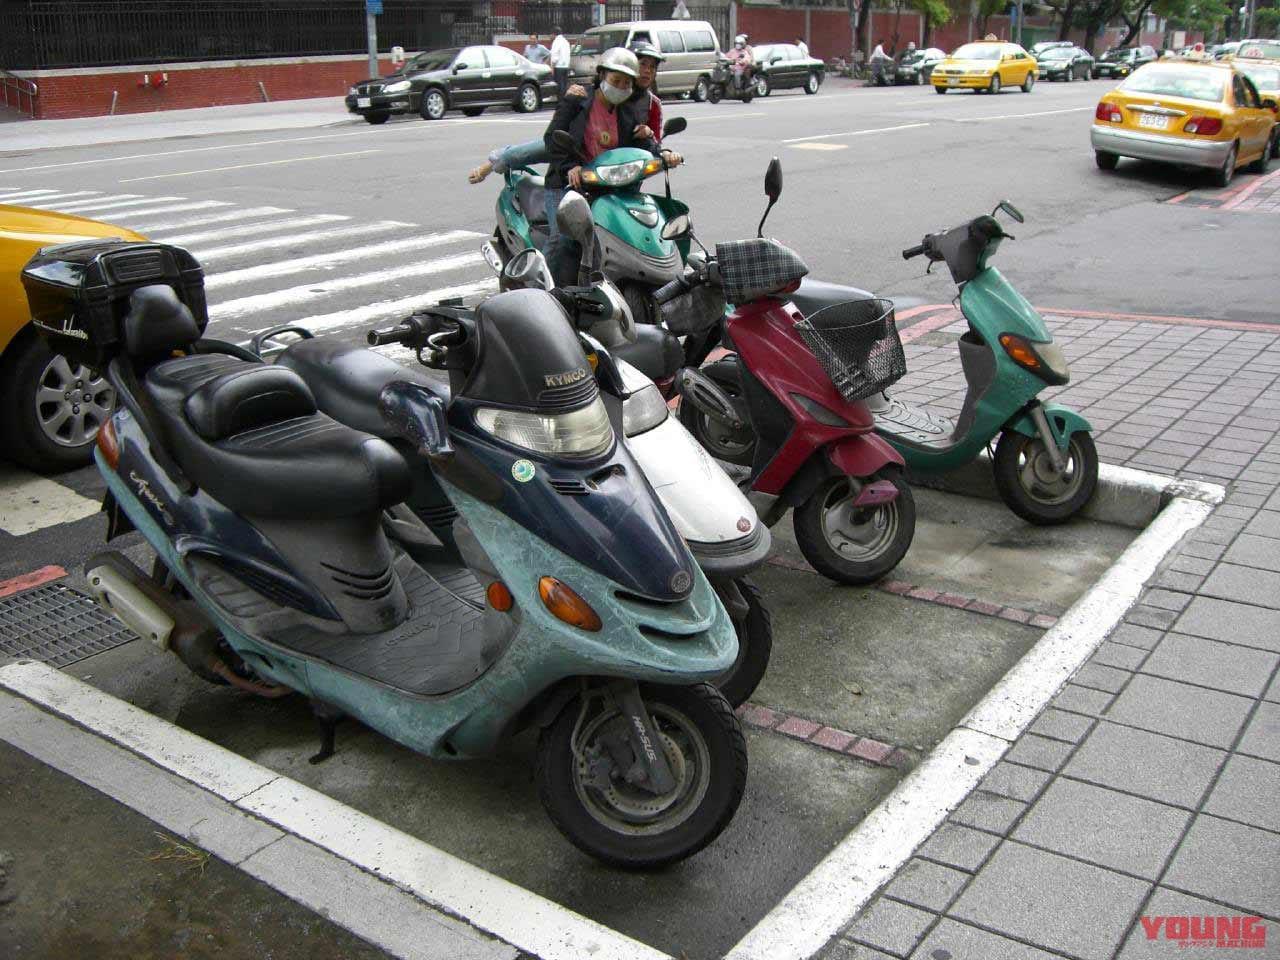 '19年バイク駐車違反件数が約1万件減少【8年連続減も駐車場整備は依然進まず】